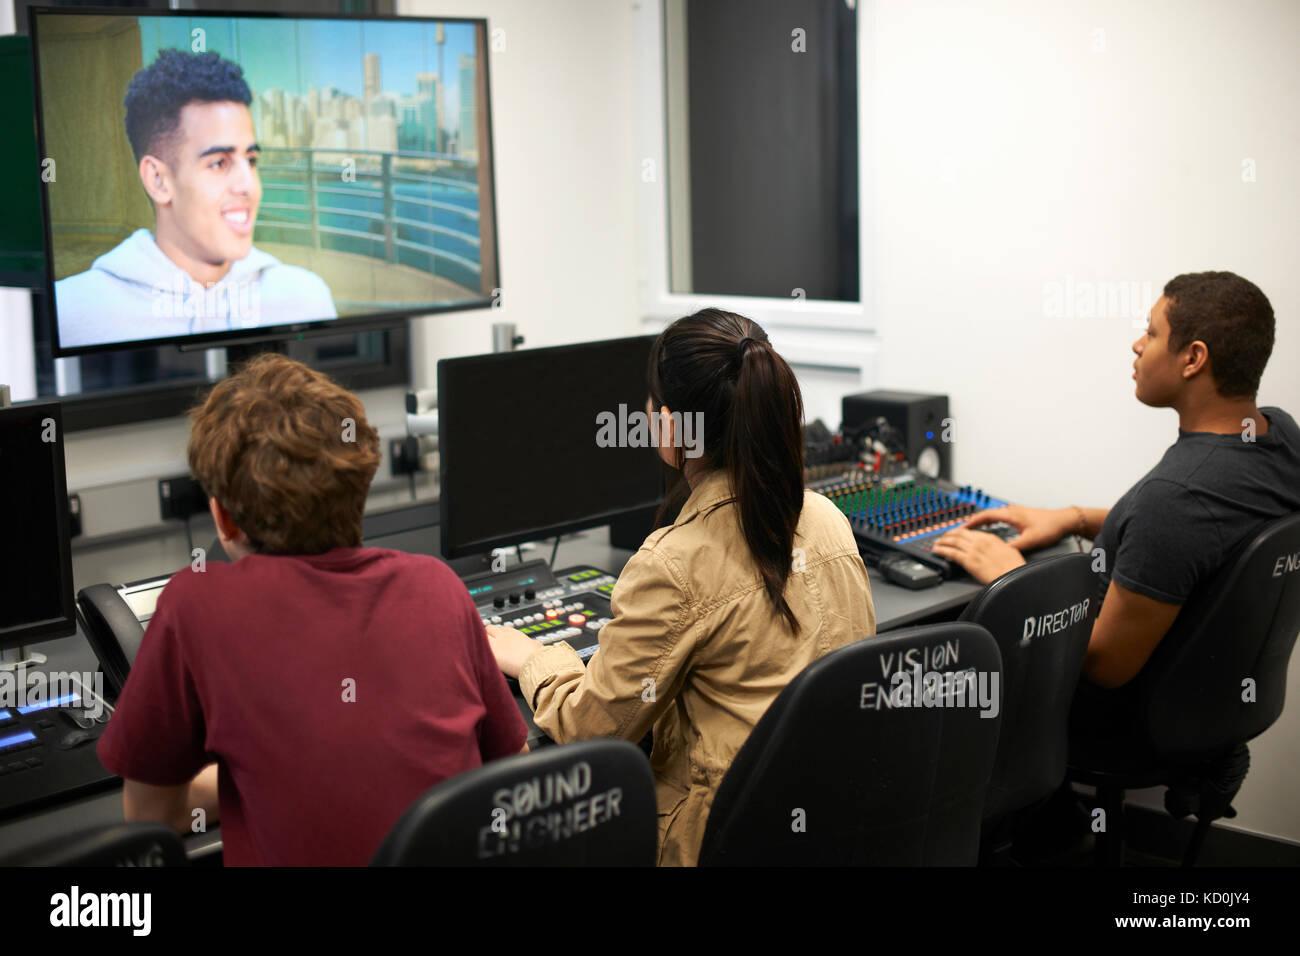 Jóvenes varones y mujeres estudiantes universitarios en mesa de mezclas viendo la pantalla del televisor Foto de stock